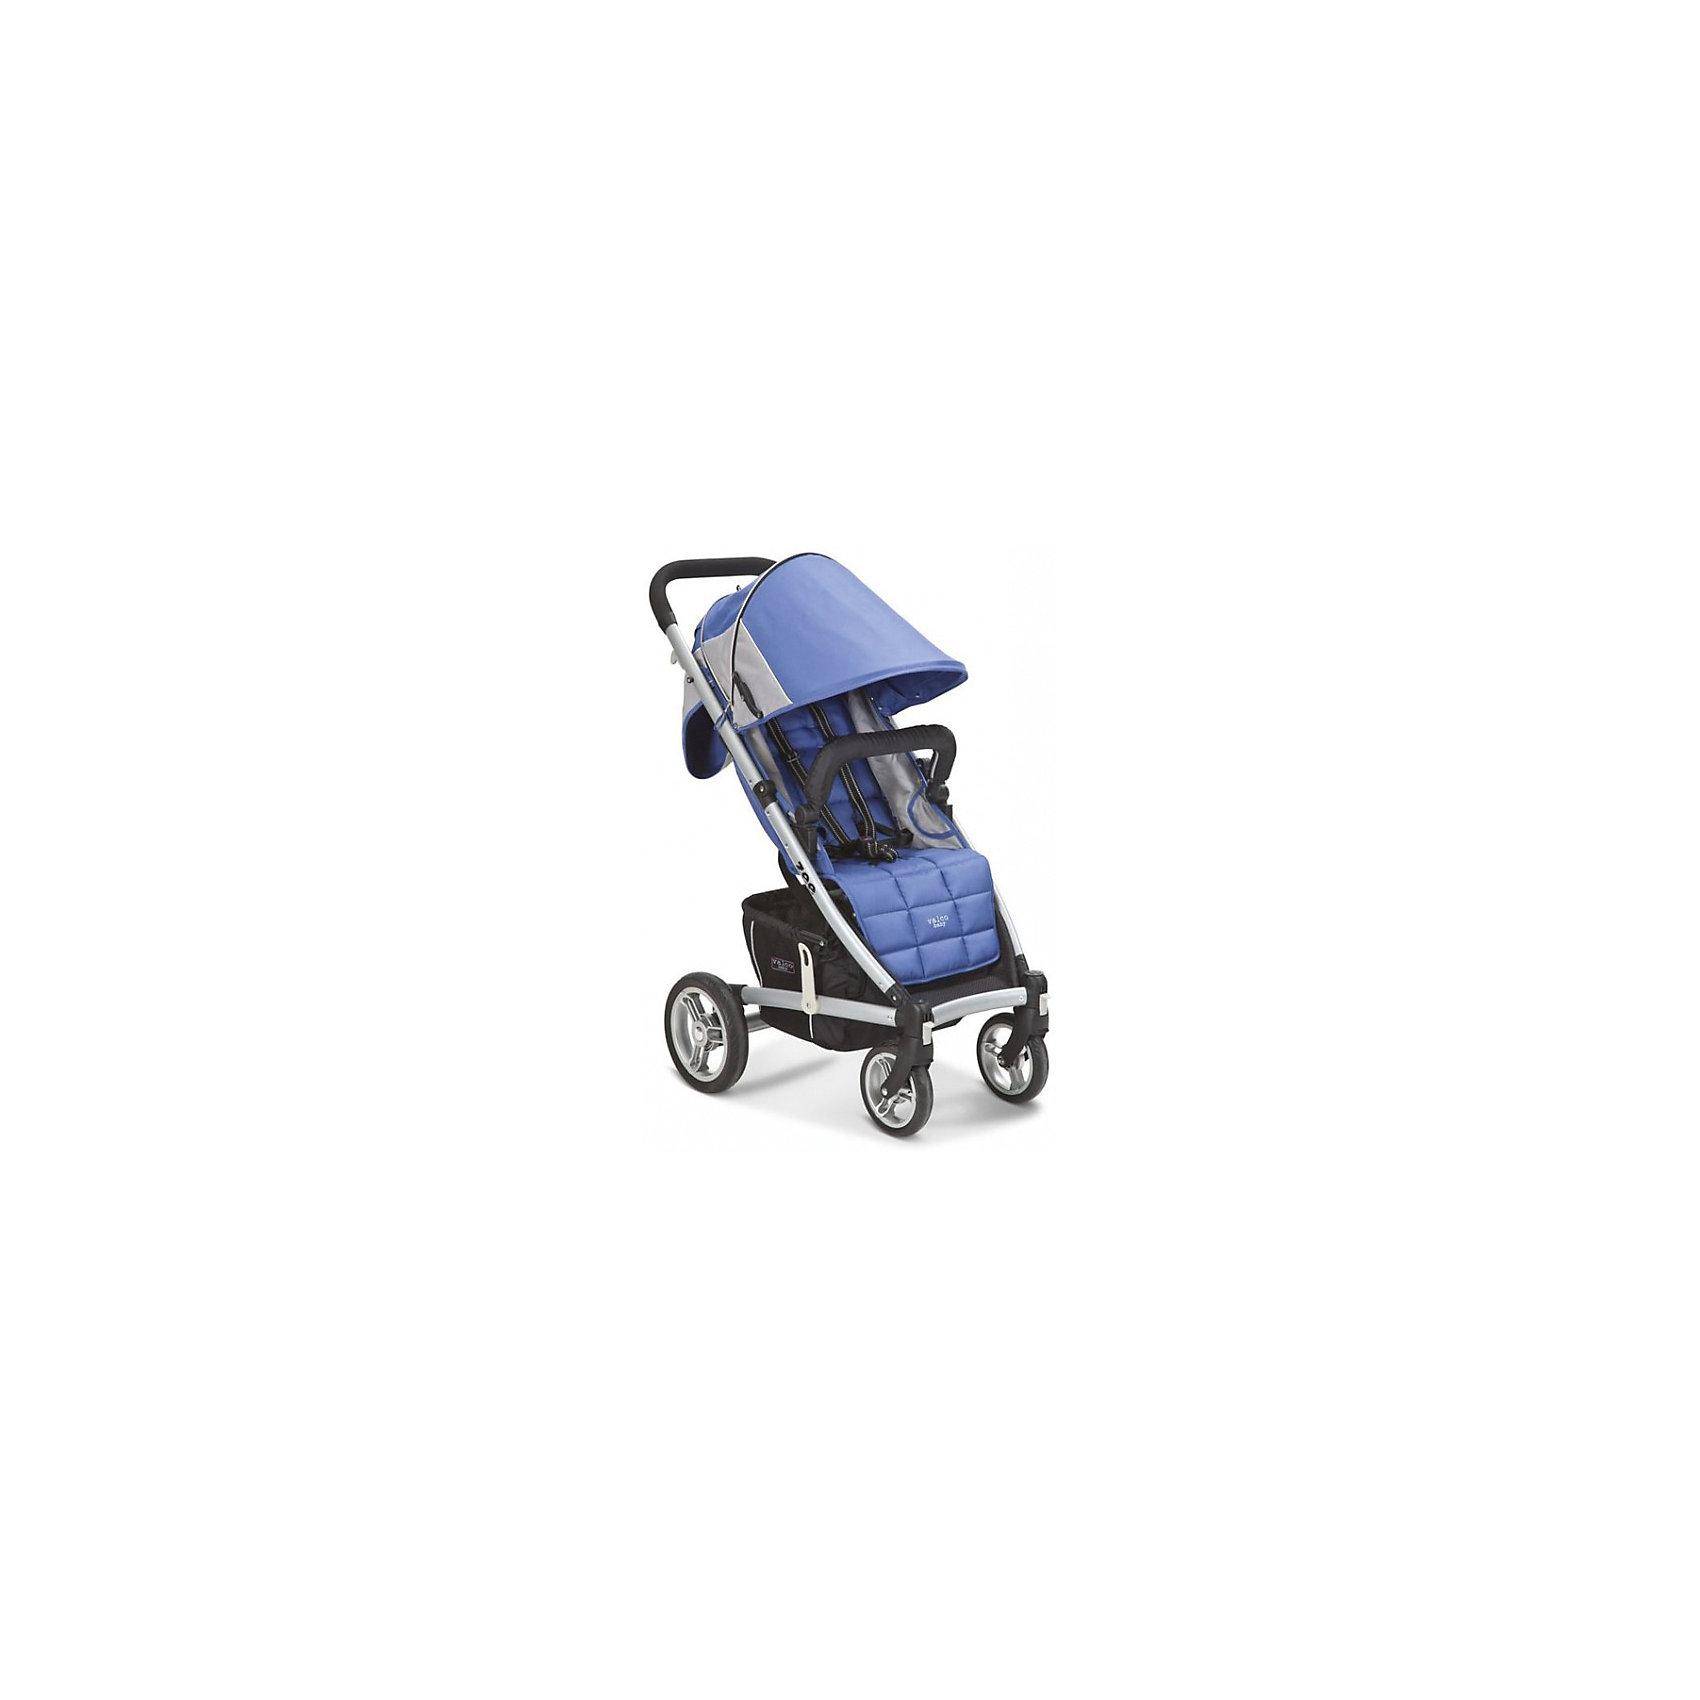 Прогулочная коляска Valco baby Zee, blue opalПрогулочные коляски<br>Бренд ValcoBaby  - качество и функциональность. Коляска – незаменимая вещь для молодых родителей. К ее выбору важно подходить со всей ответственностью. Коляска для прогулок Zee от бренда ValcoBaby – универсальный и функциональный атрибут. У коляски спинка откидывается до горизонтального состояния, что подходит для младенцев. Колеса у коляски бескамерные и выполнены из высококачественной резины. Модель складная с автоматической фиксацией положения. Во время прогулки нет необходимости открывать накидку, чтобы посмотреть на малыша, так как есть специальное окошко.<br><br>Дополнительная информация: <br><br>цвет: blue opal;<br>вес: 8,6 кг;<br>спинка откидывается;<br>складная;<br>возраст: от 0 лет.<br><br>Коляску для прогулок Zee от компании ValcoBaby можно приобрести в нашем магазине.<br><br>Ширина мм: 438<br>Глубина мм: 191<br>Высота мм: 724<br>Вес г: 11100<br>Возраст от месяцев: 6<br>Возраст до месяцев: 36<br>Пол: Унисекс<br>Возраст: Детский<br>SKU: 4998038